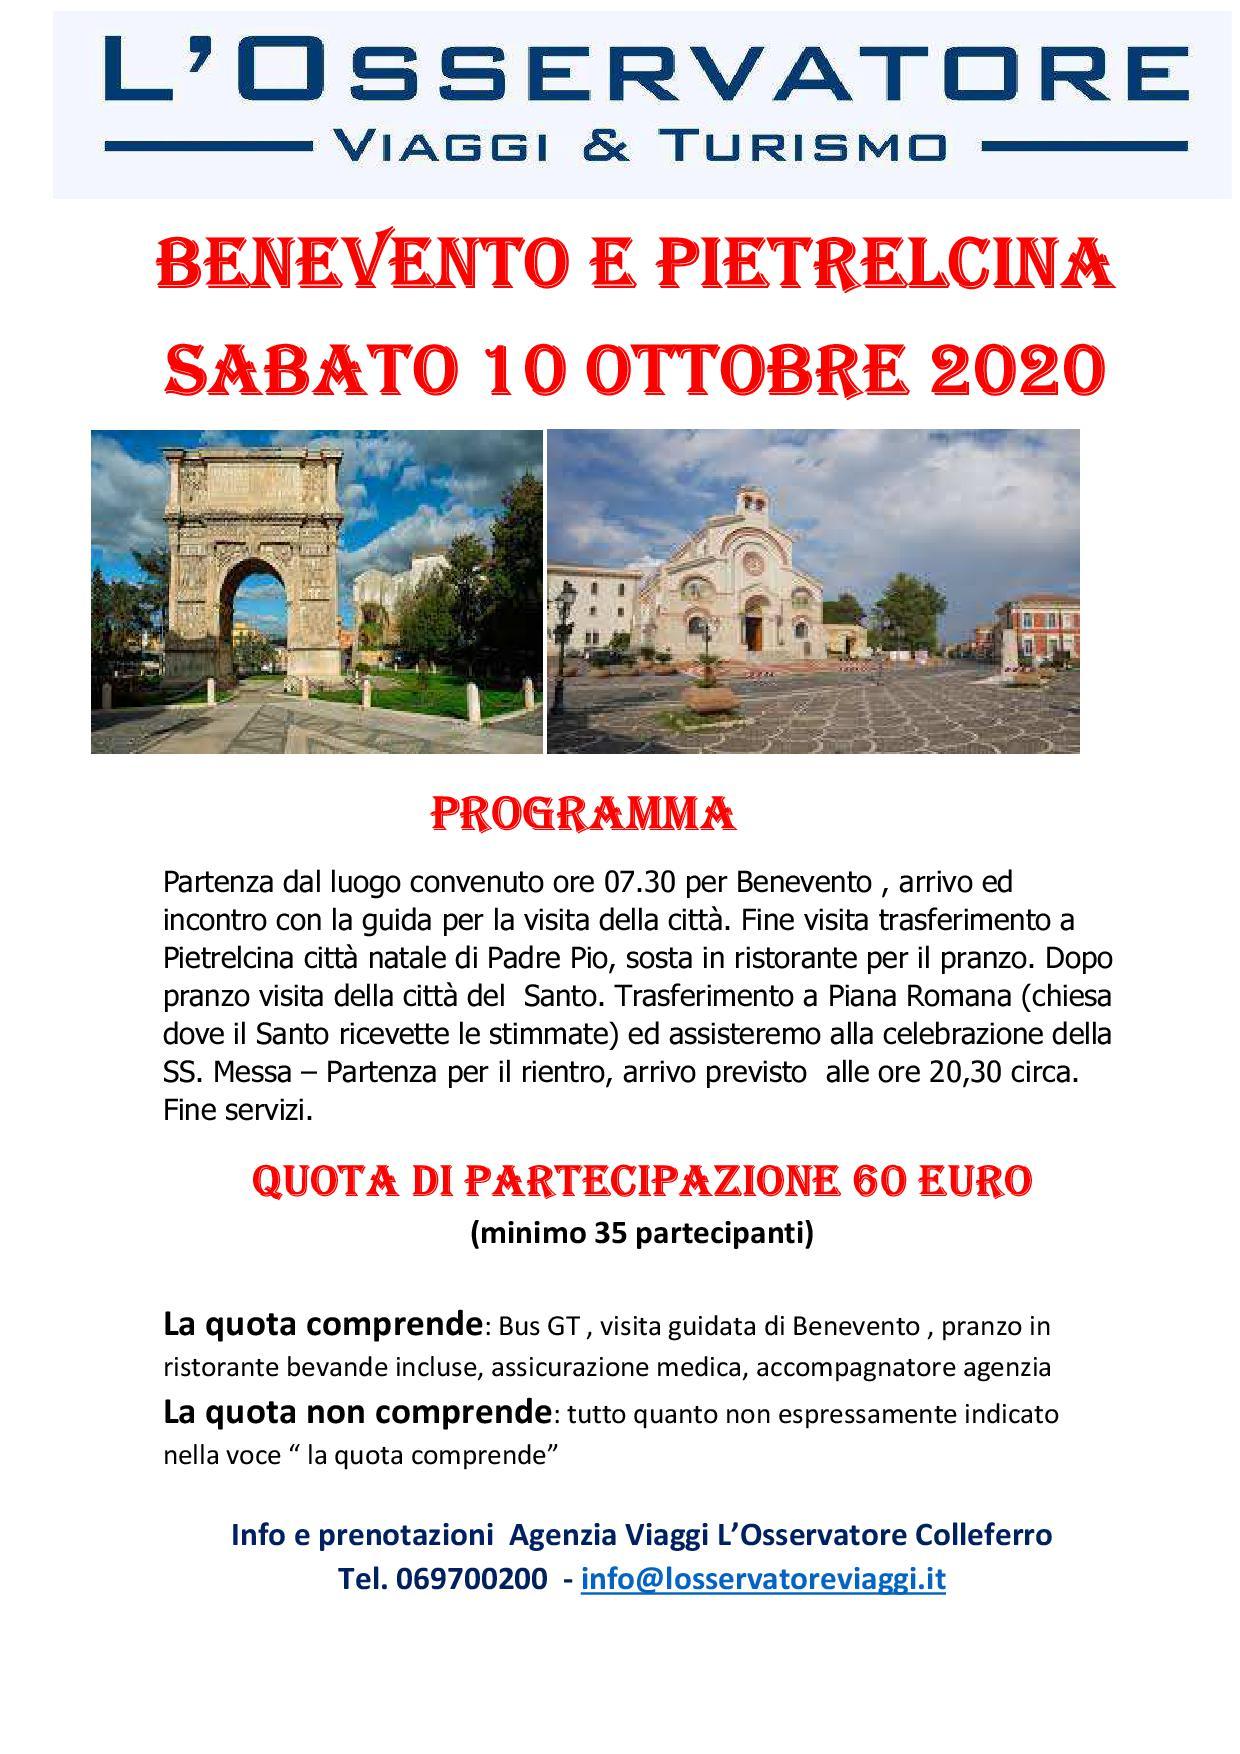 Benevento e Pietralcina